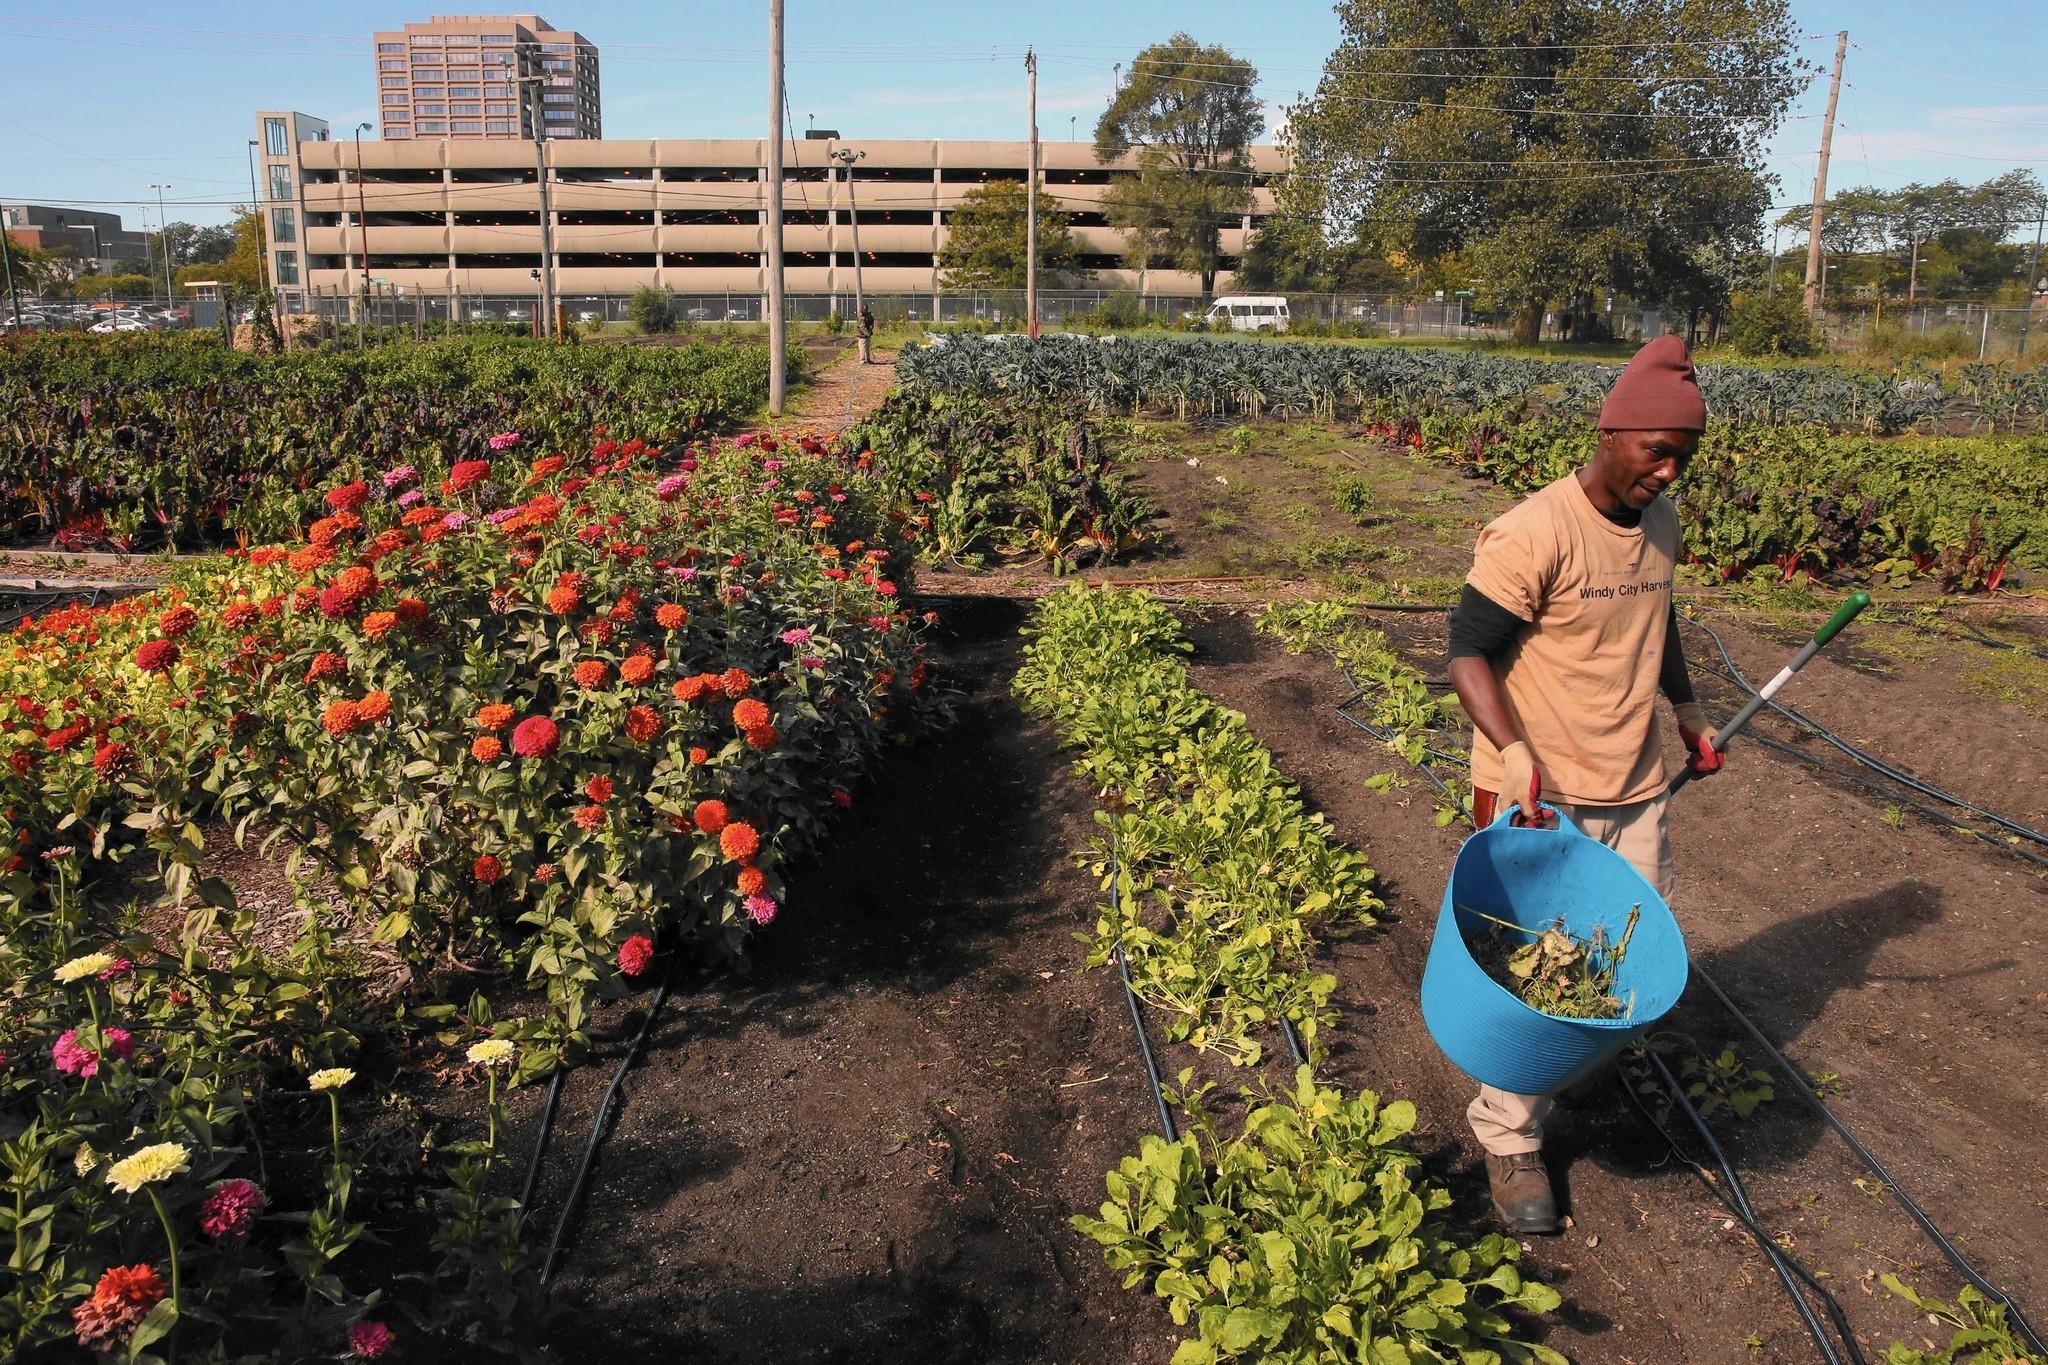 Growing Chicago: A flourishing city in a garden